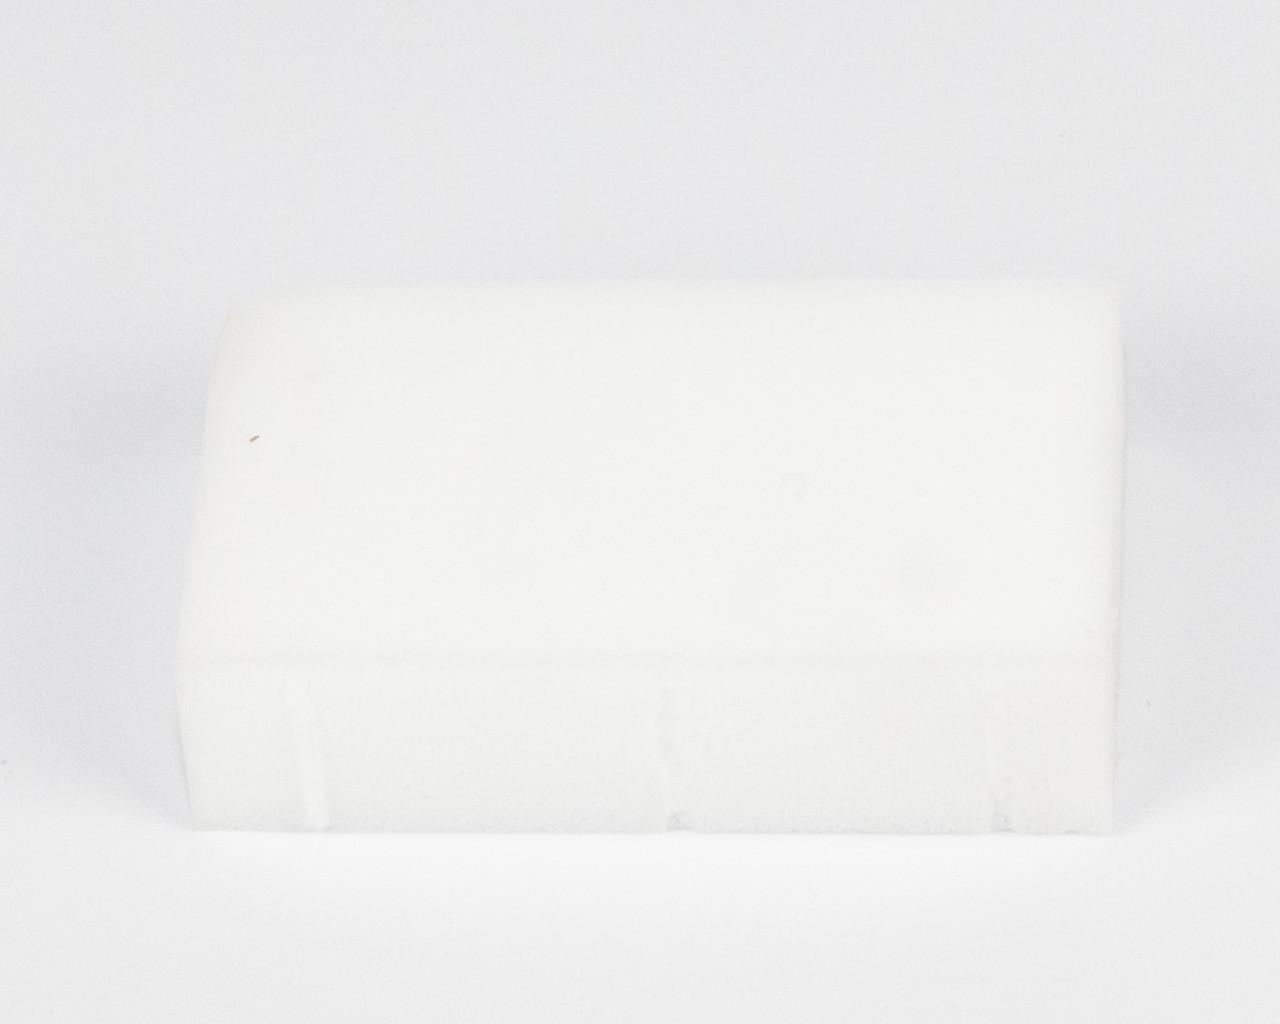 Губка Міроклін біла, проти плям, 10*6 см, Vileda